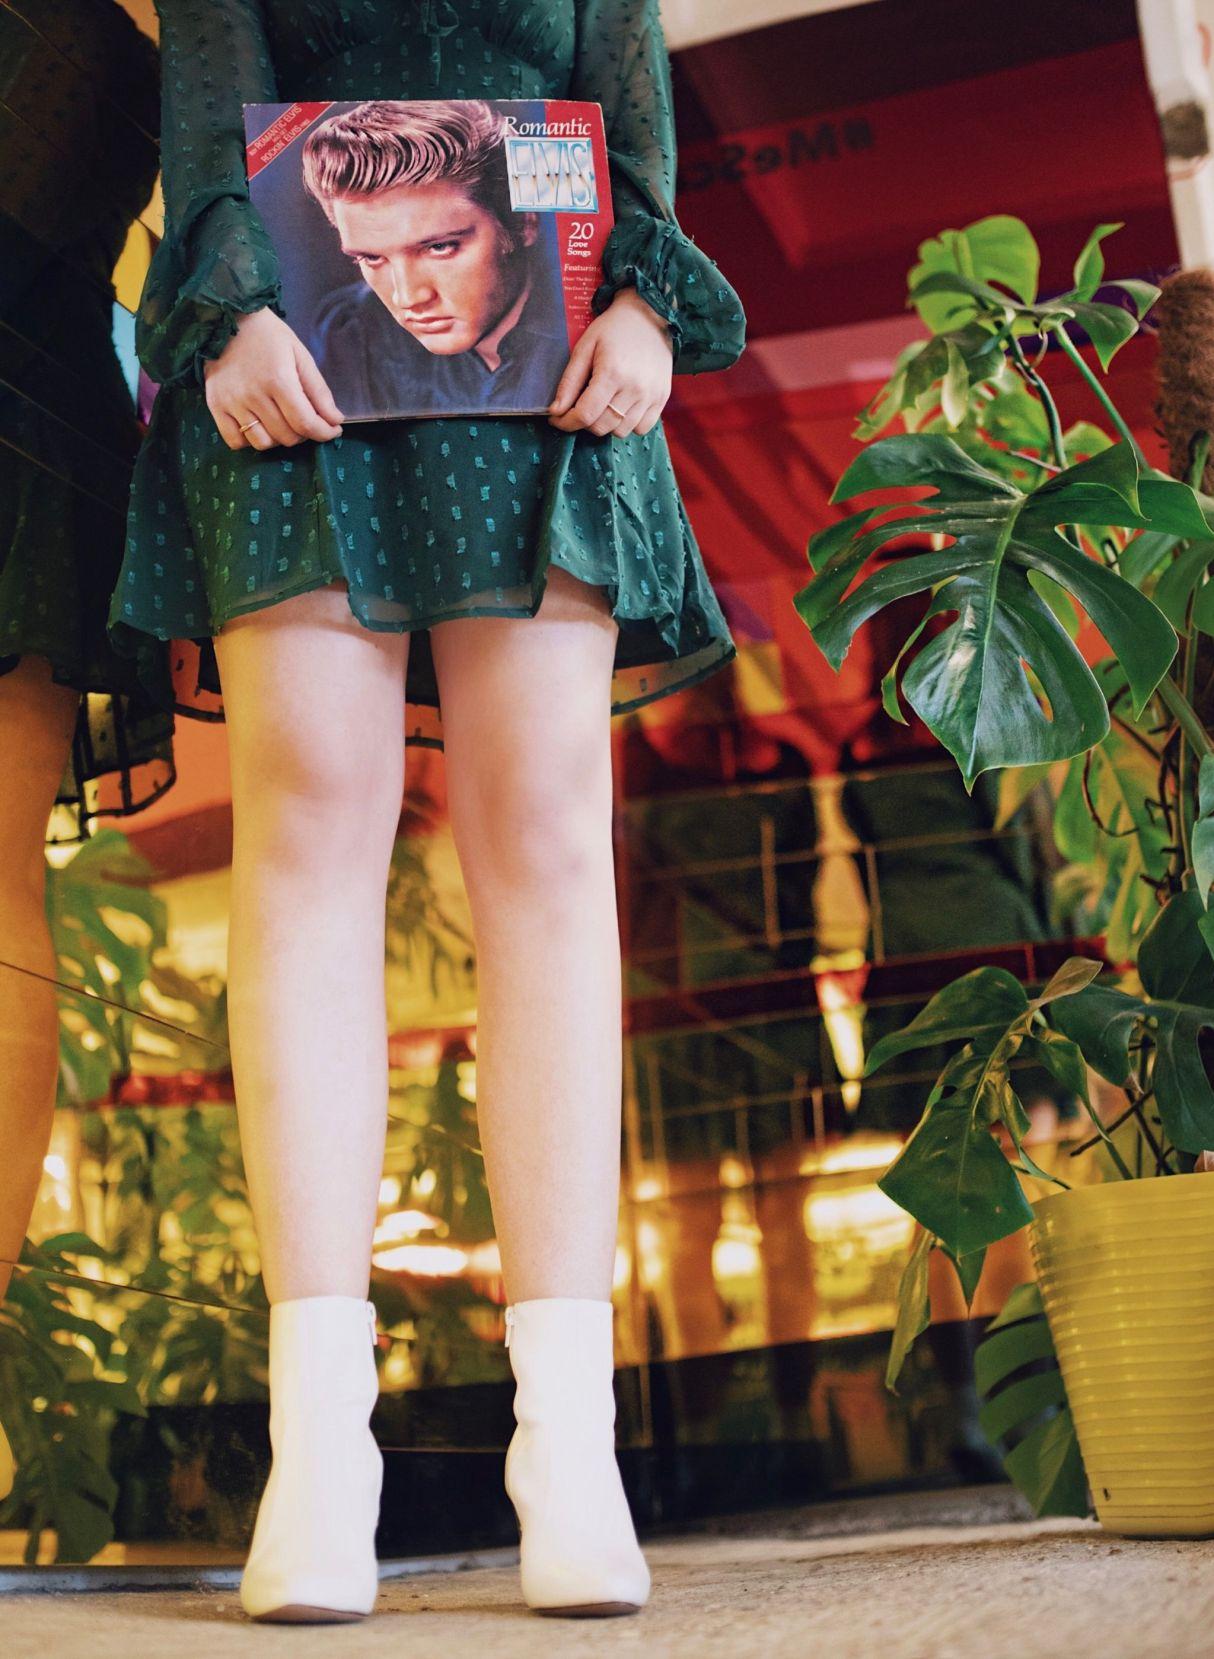 Kate Winney Little Miss Winney 1960's 60's Vintage Decades Green Dress Beehive